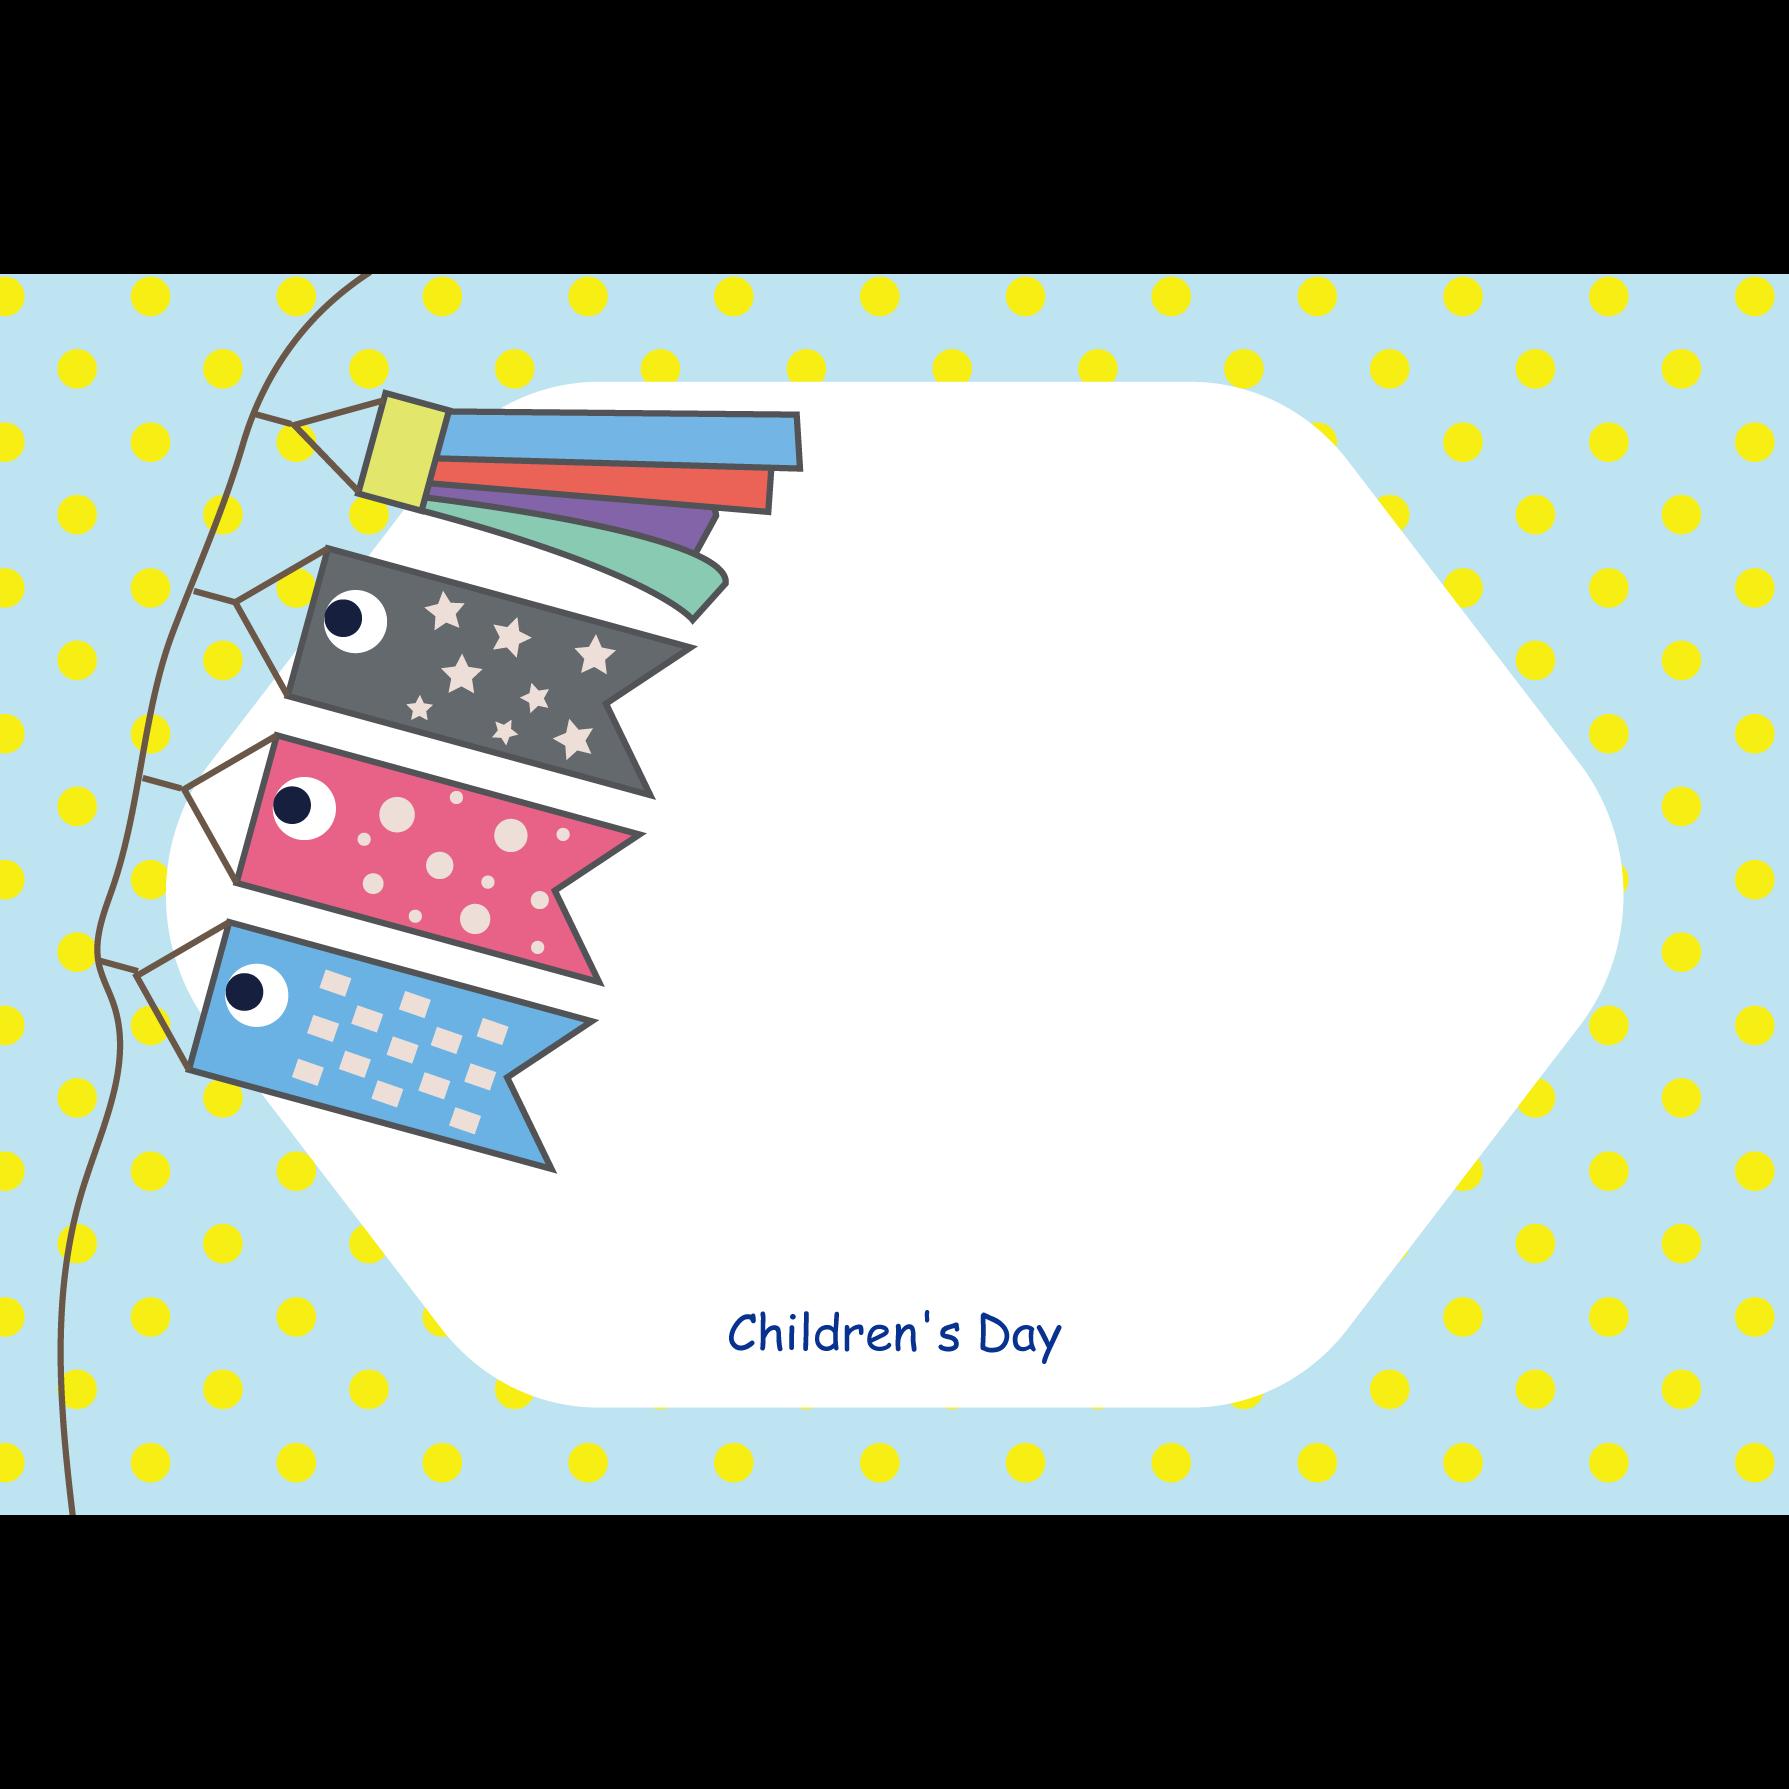 鯉のぼり かわいい 子供の日のフレーム 枠 フリー イラスト 商用フリー 無料 のイラスト素材なら イラストマンション